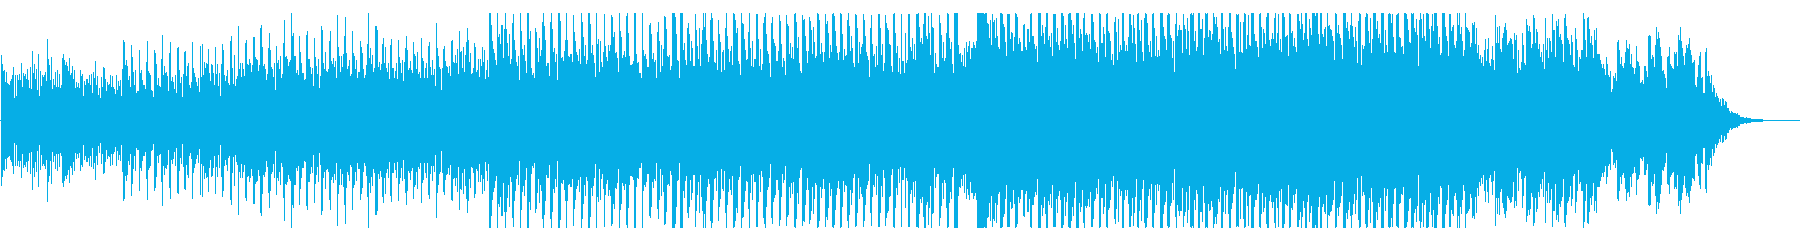 不穏な雰囲気の4つ打ちダンスインストの再生済みの波形